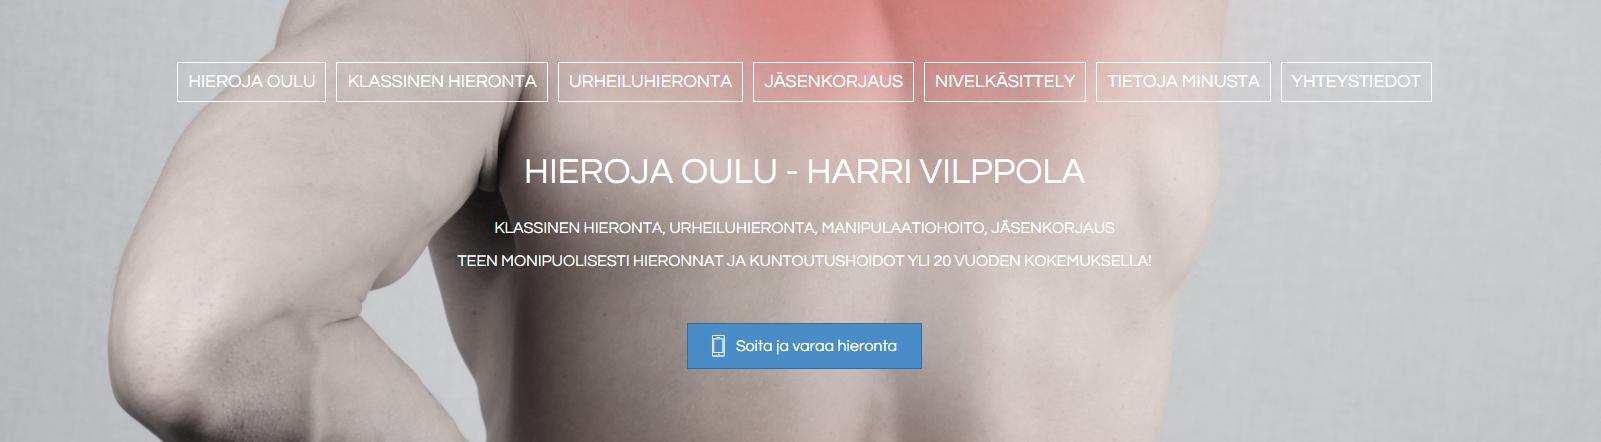 Harri Vilppola - Hieroja Oulu